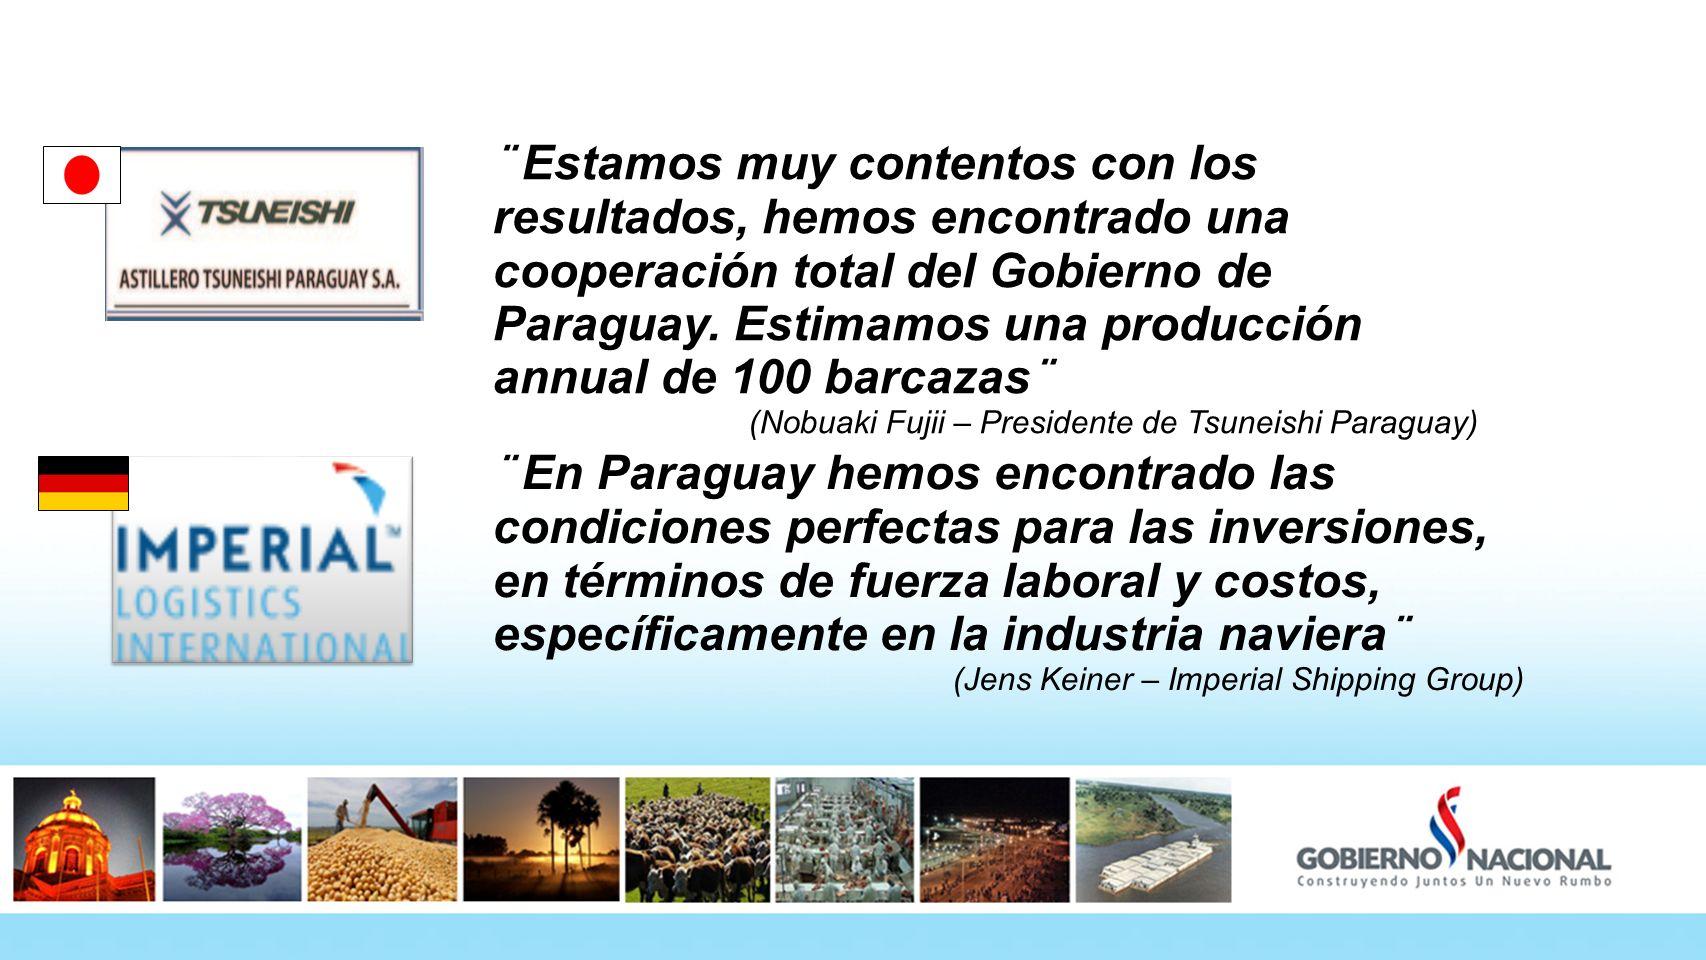 ¨ Estamos muy contentos con los resultados, hemos encontrado una cooperación total del Gobierno de Paraguay.